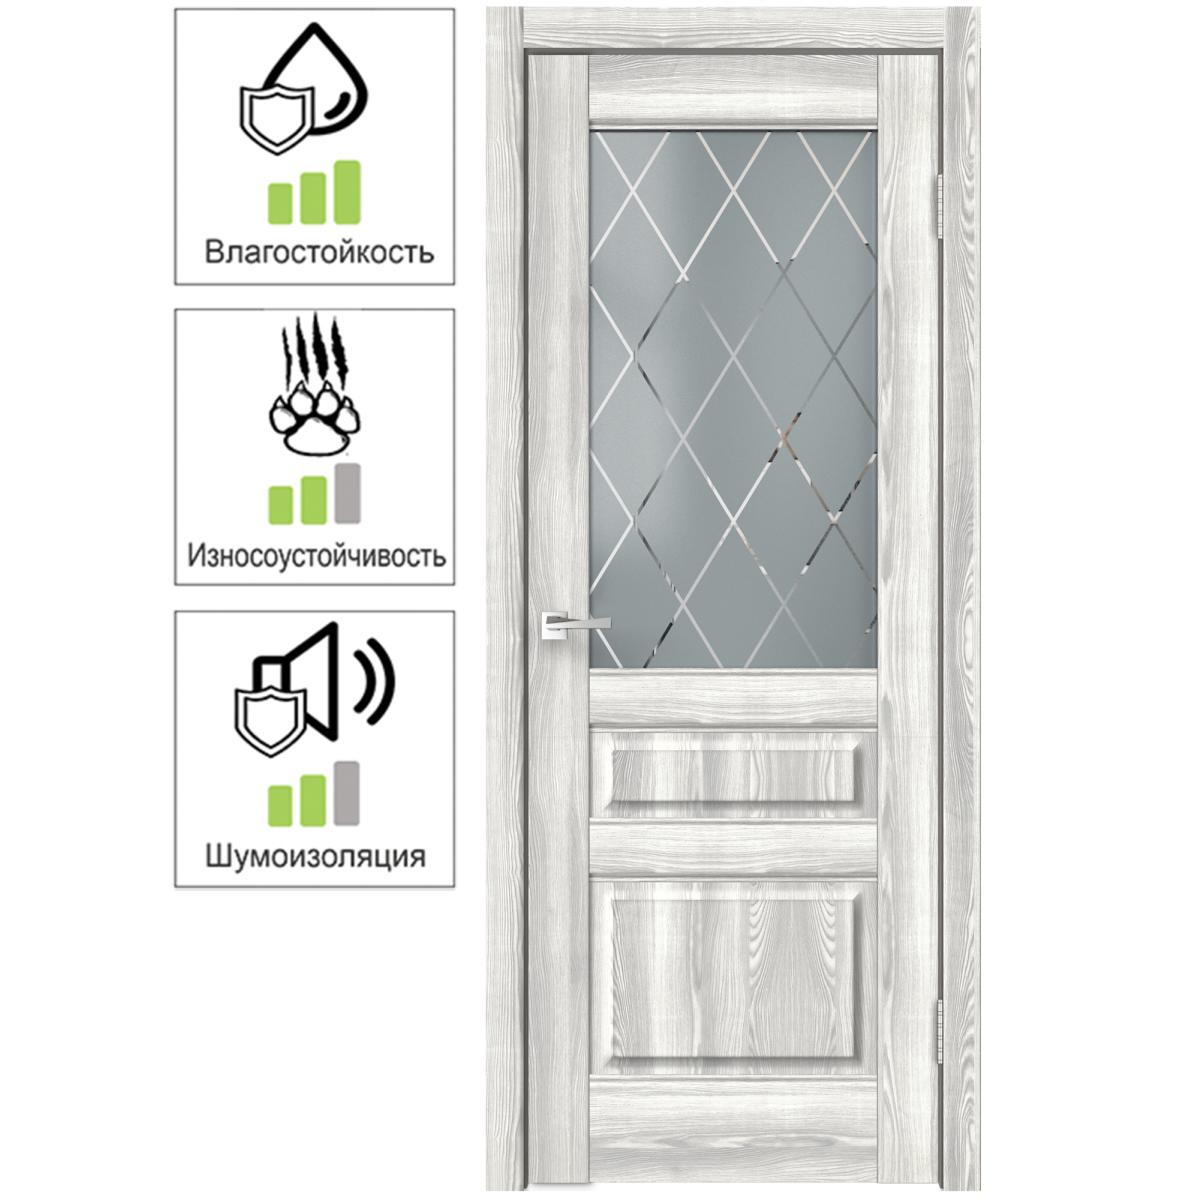 Дверь межкомнатная остеклённая Летиция 60х200 см с фурнитурой ПВХ цвет клен